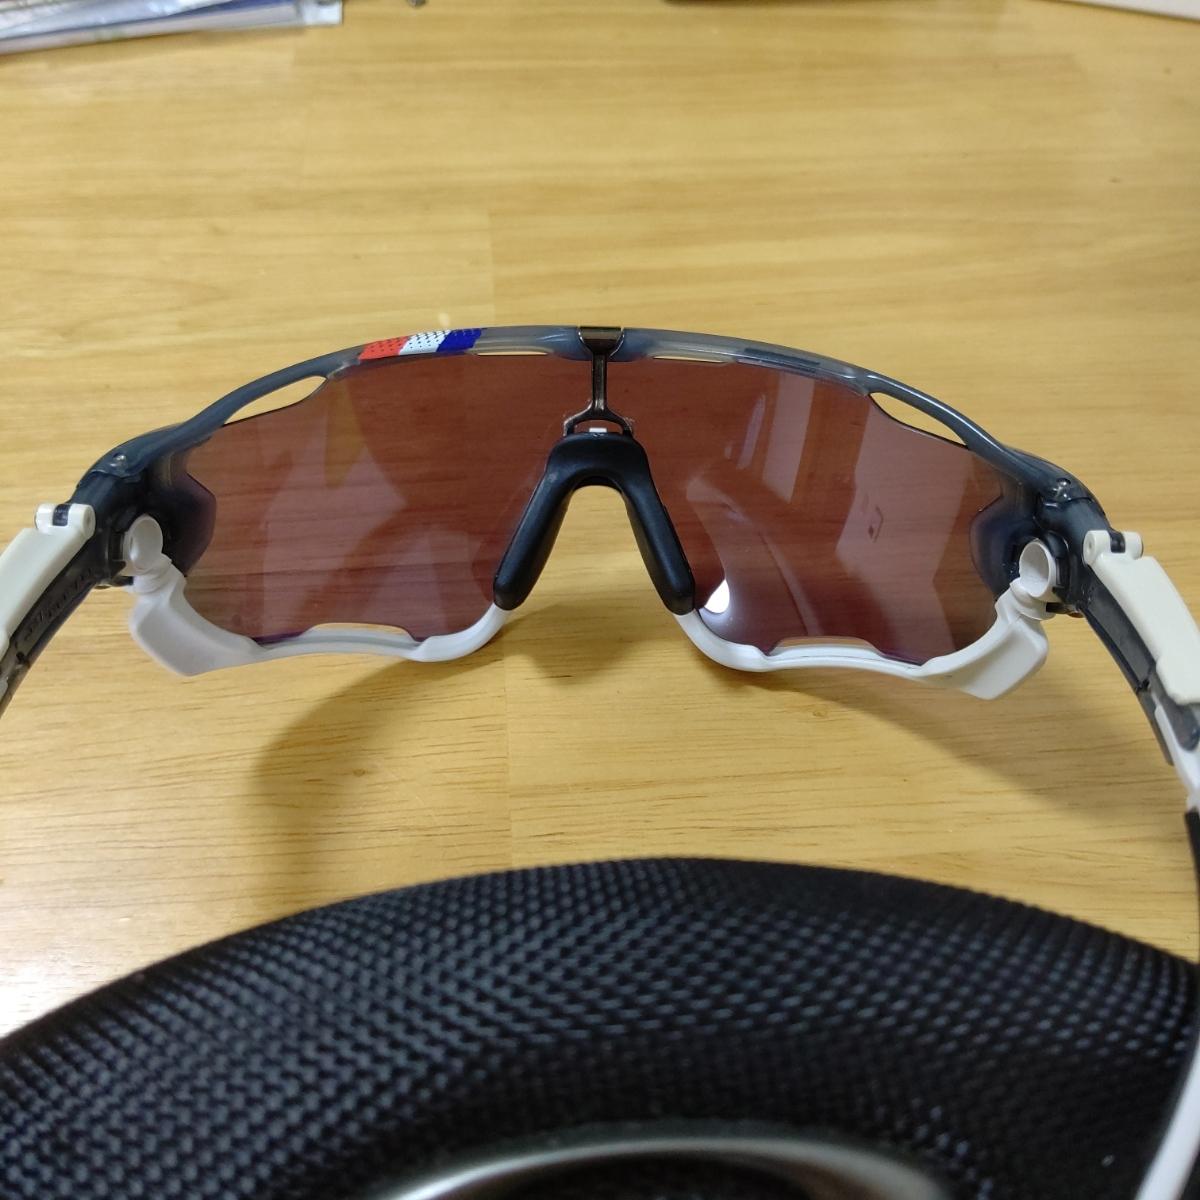 【送料無料】OAKLEY オークリー JAWBREAKER ツール・ド・フランス限定モデル 交換レンズ付き【中古】_画像4